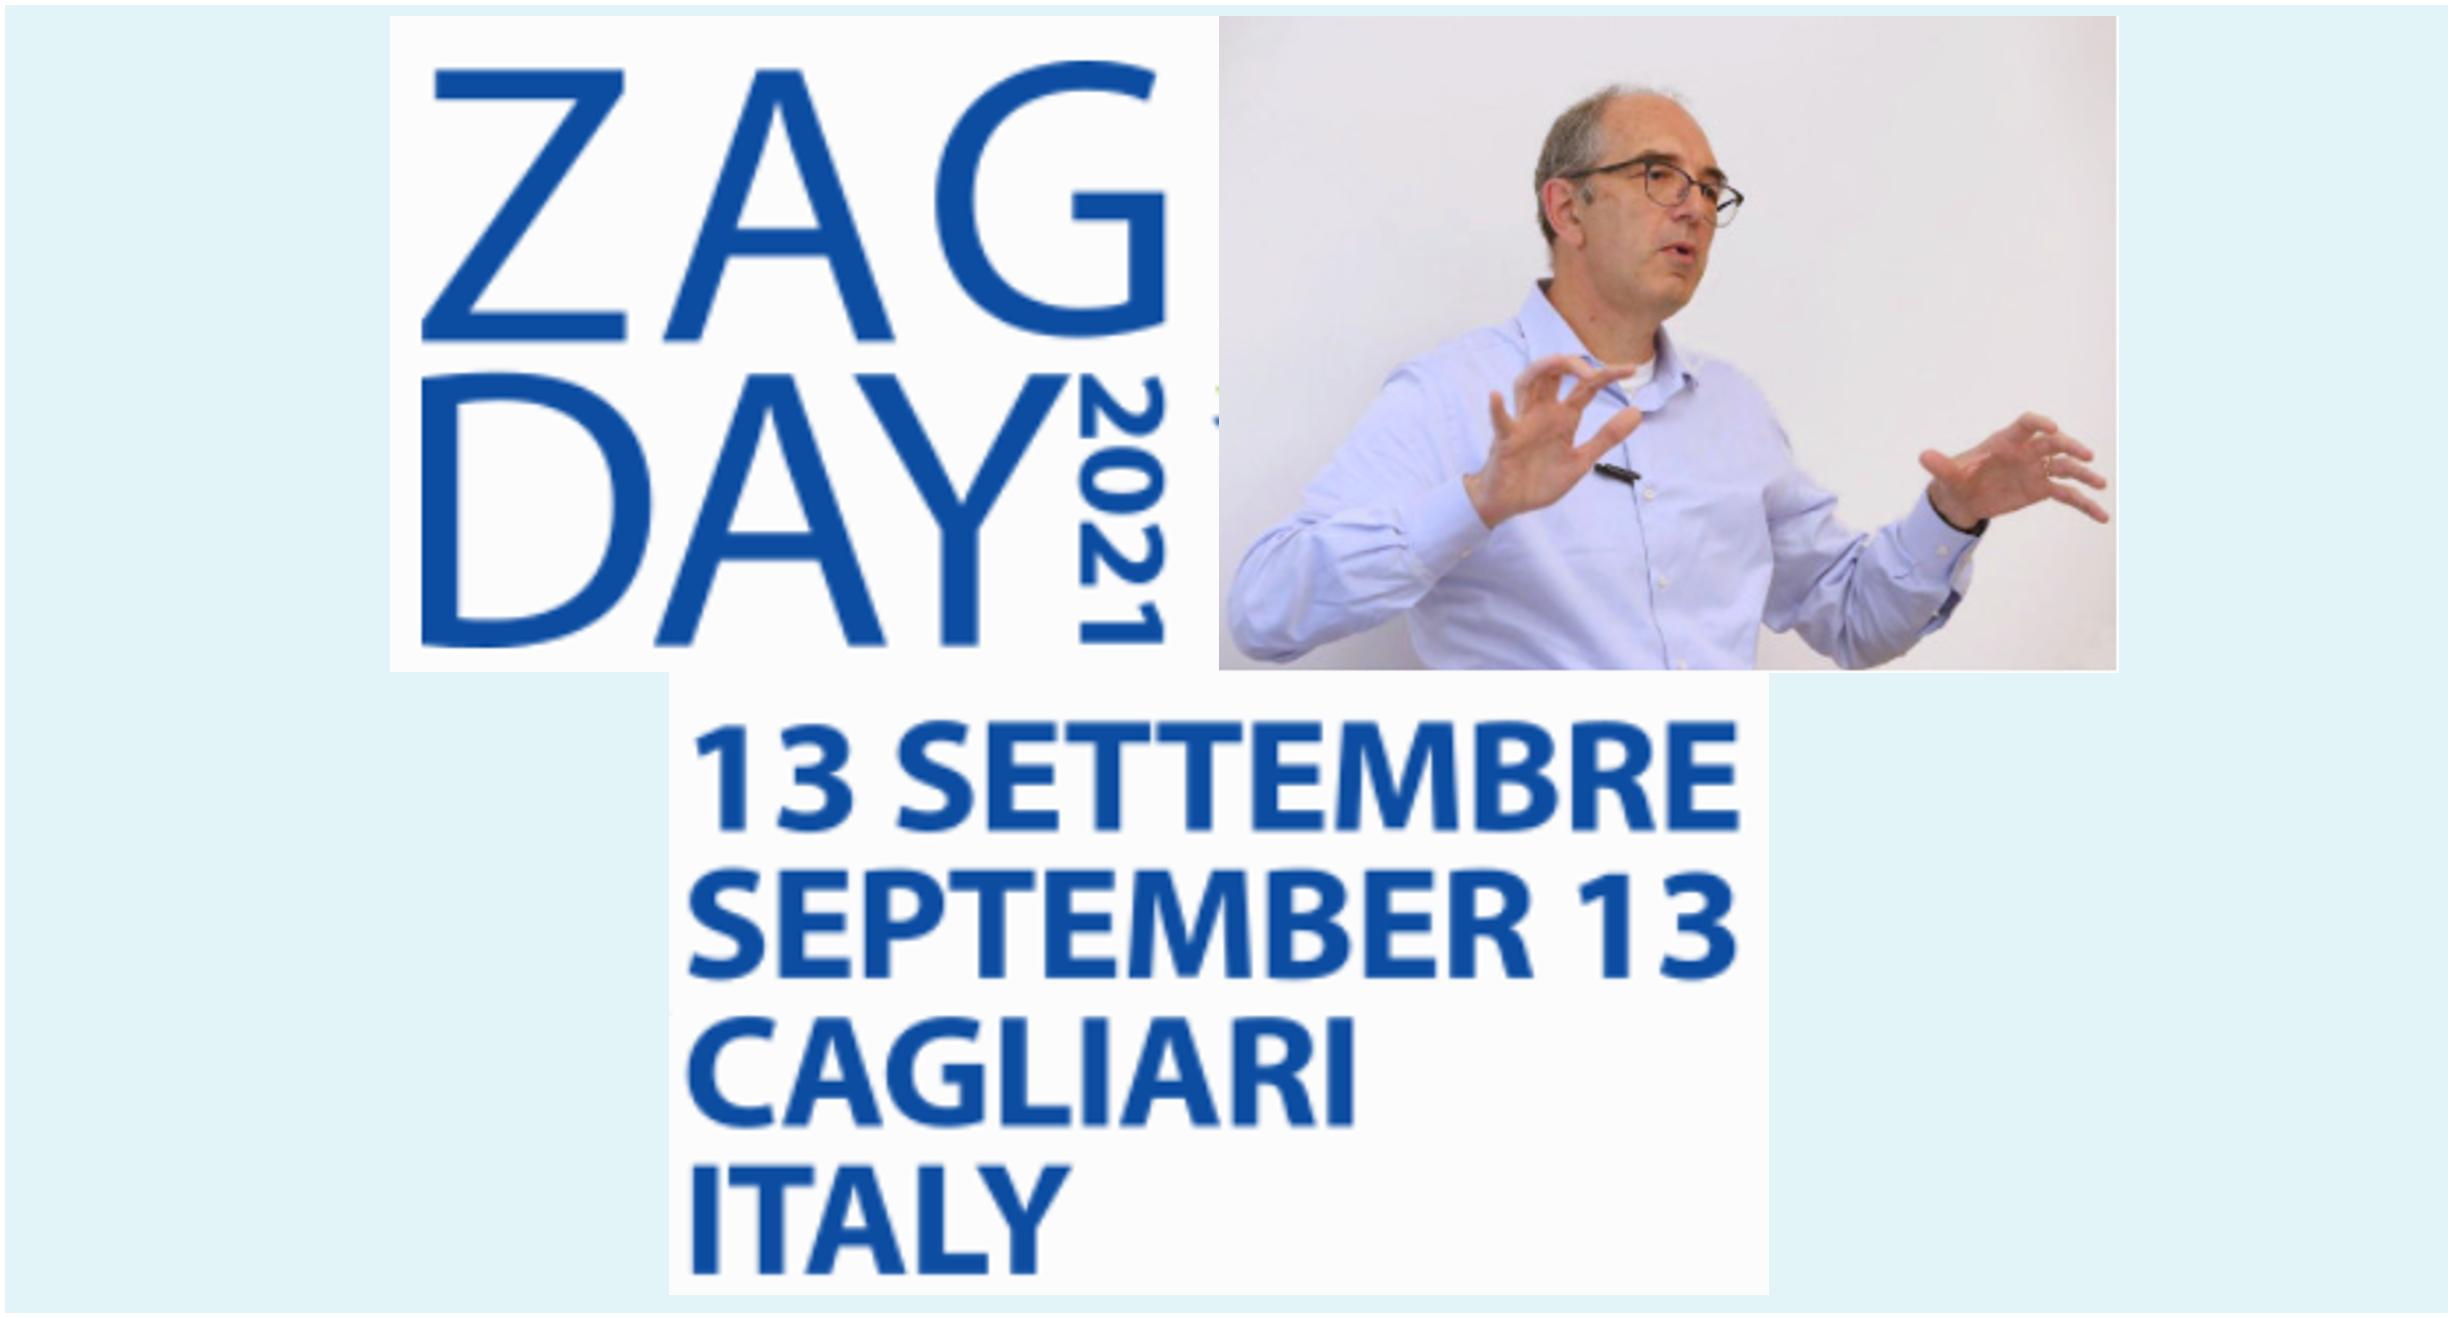 ZagDay – In the memory of Gianluigi Zanetti (CRS4)